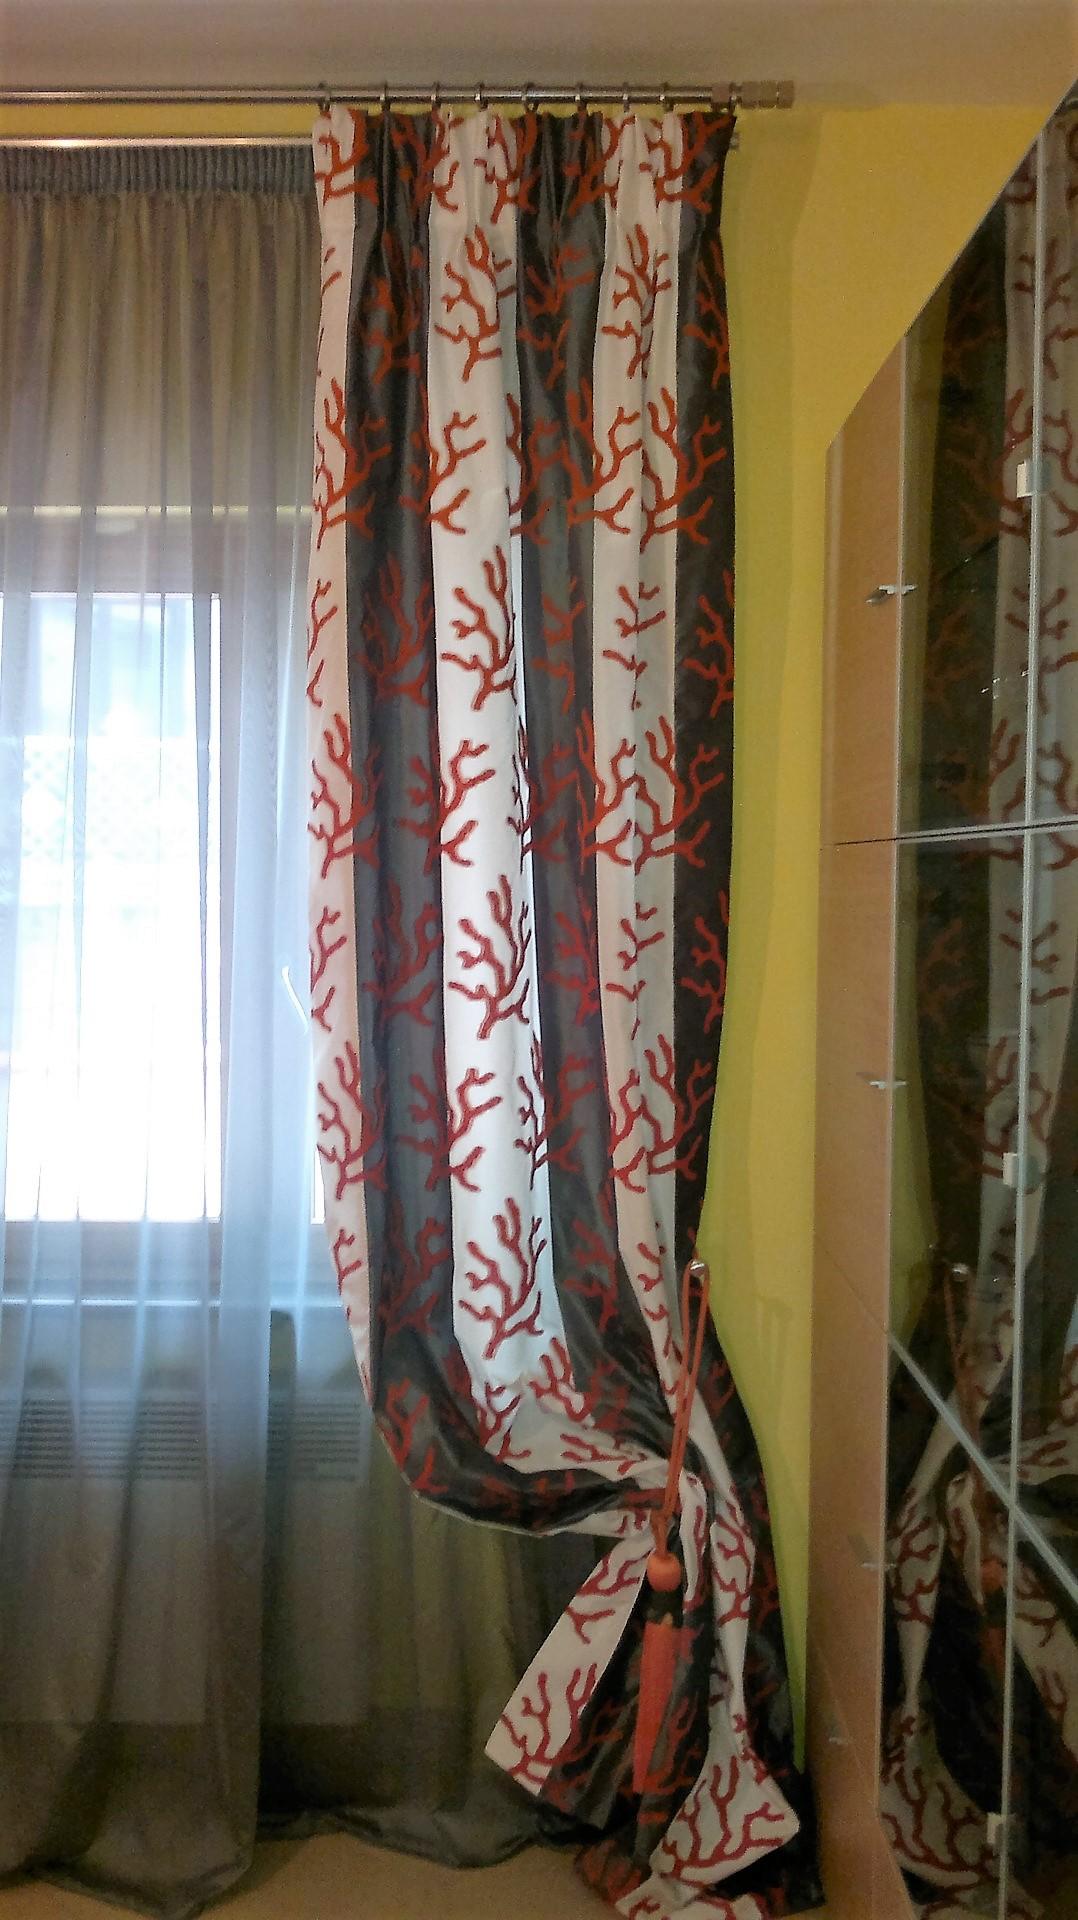 tendaggi-arredamento-indoor-02